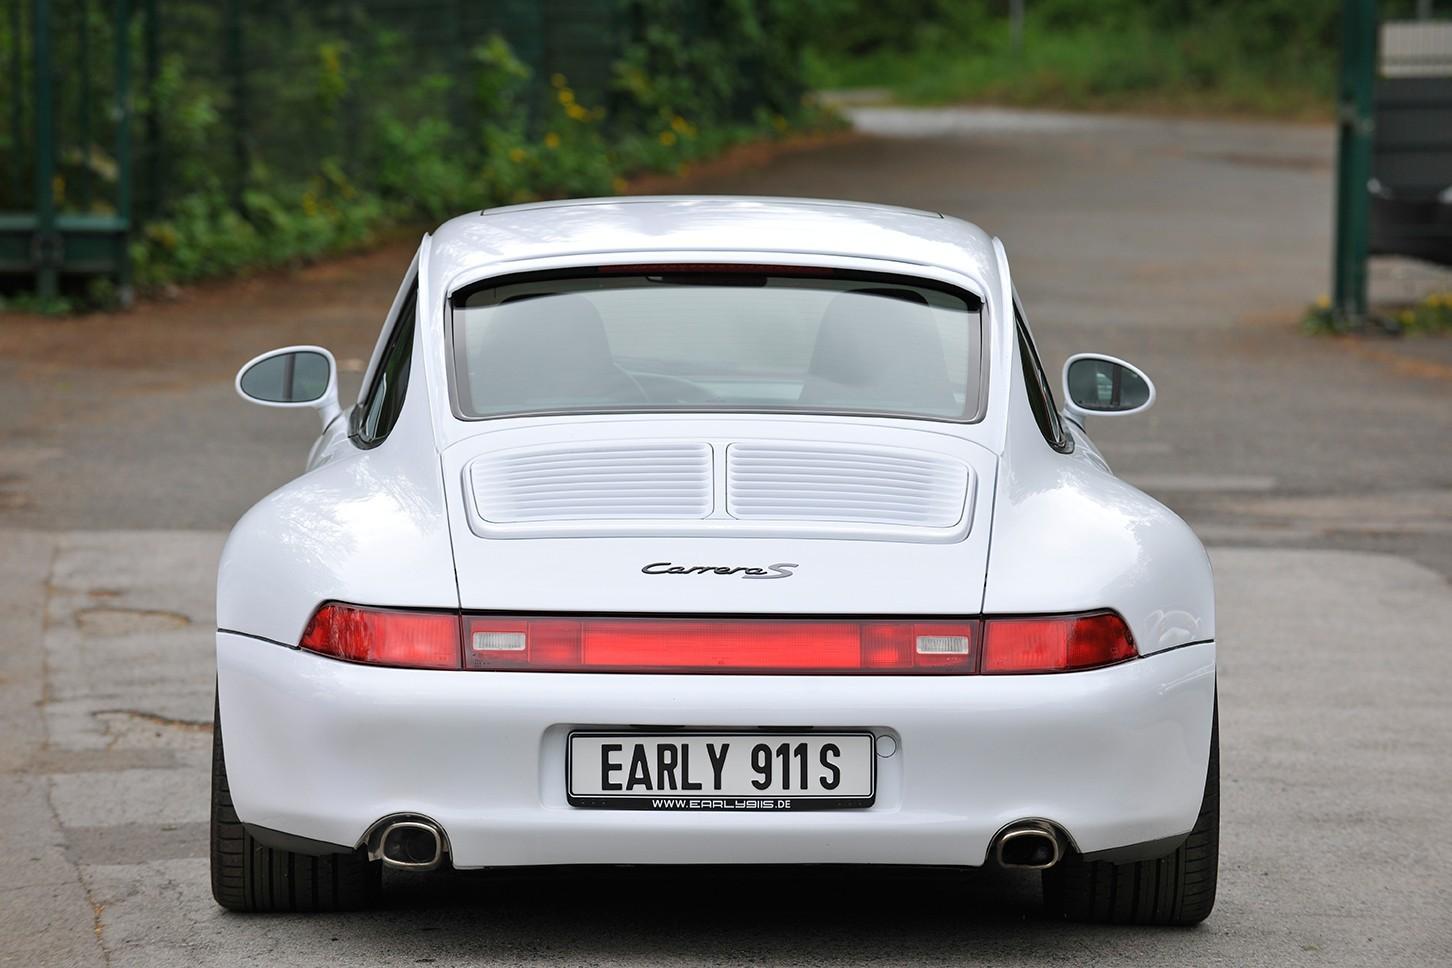 Porsche 993 Carrera S rear view spoiler